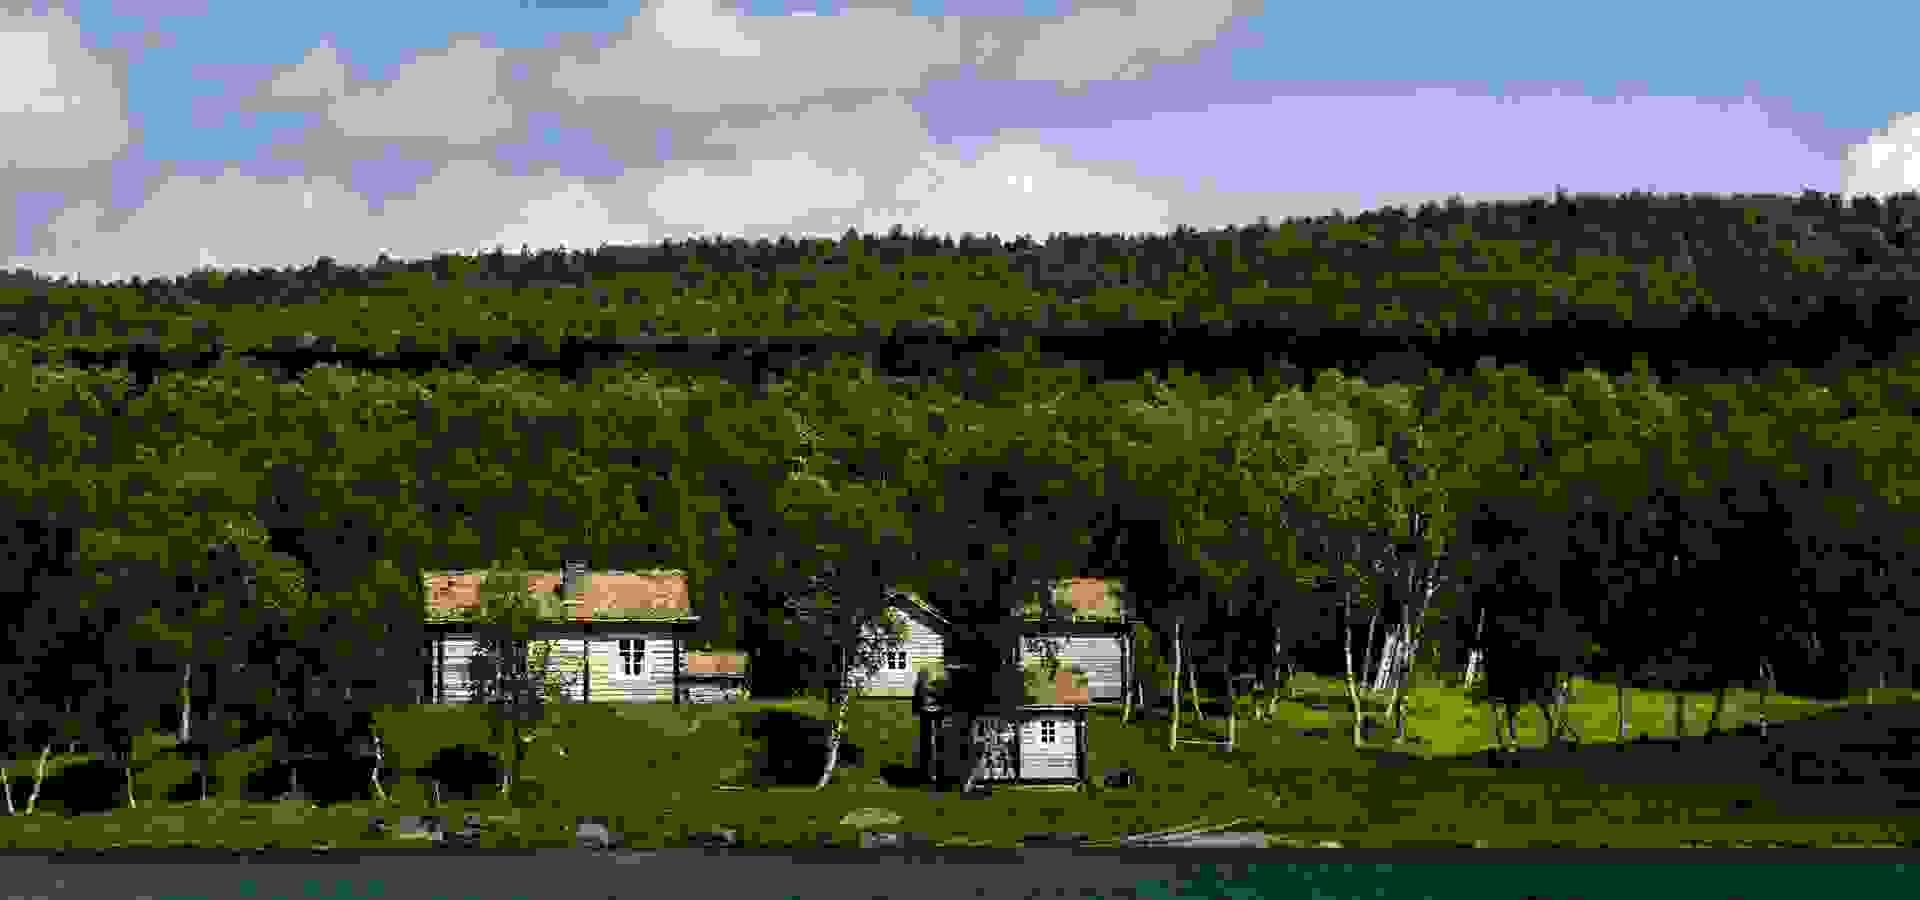 geunja, 1920 x 900, ted logart